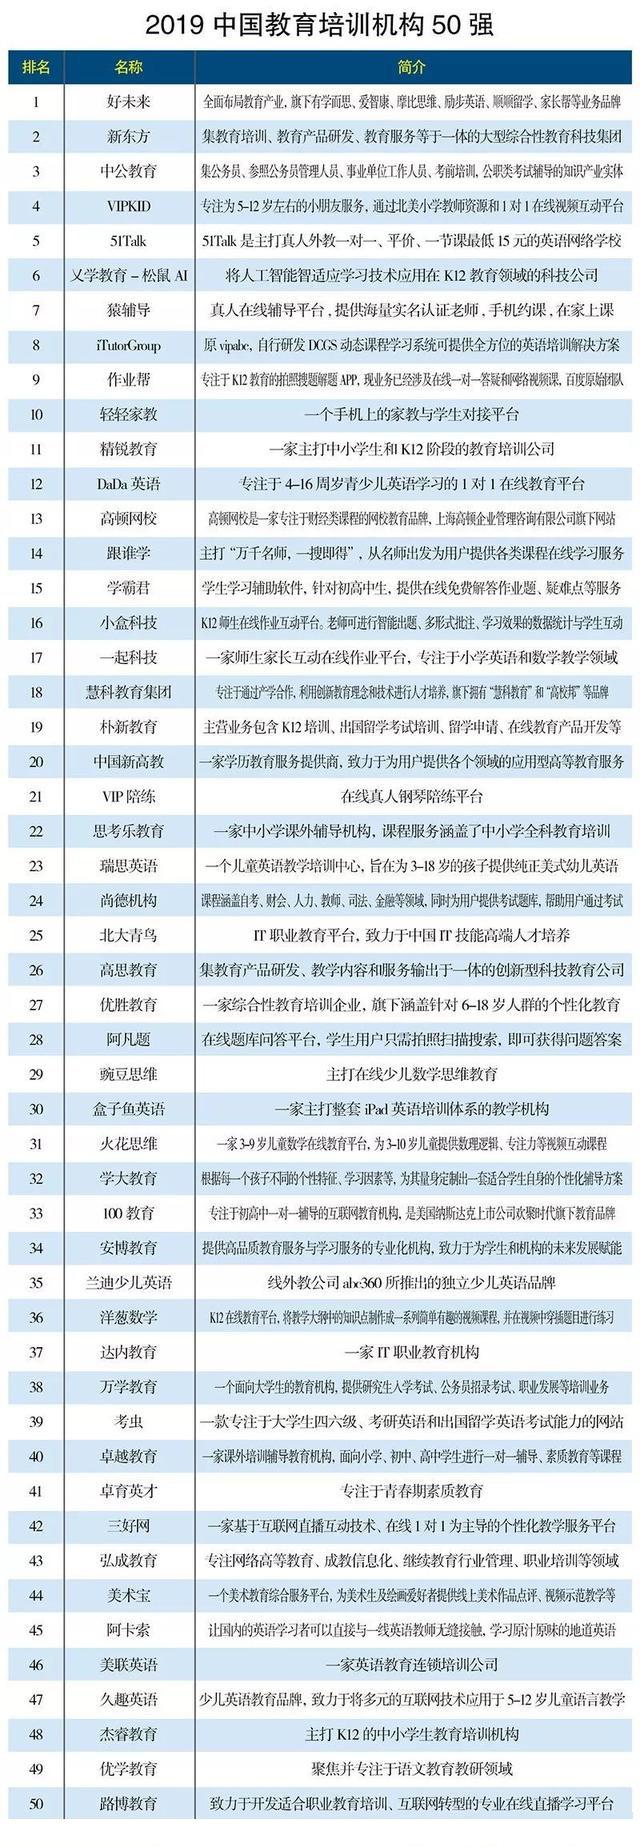 2019教育机构排名